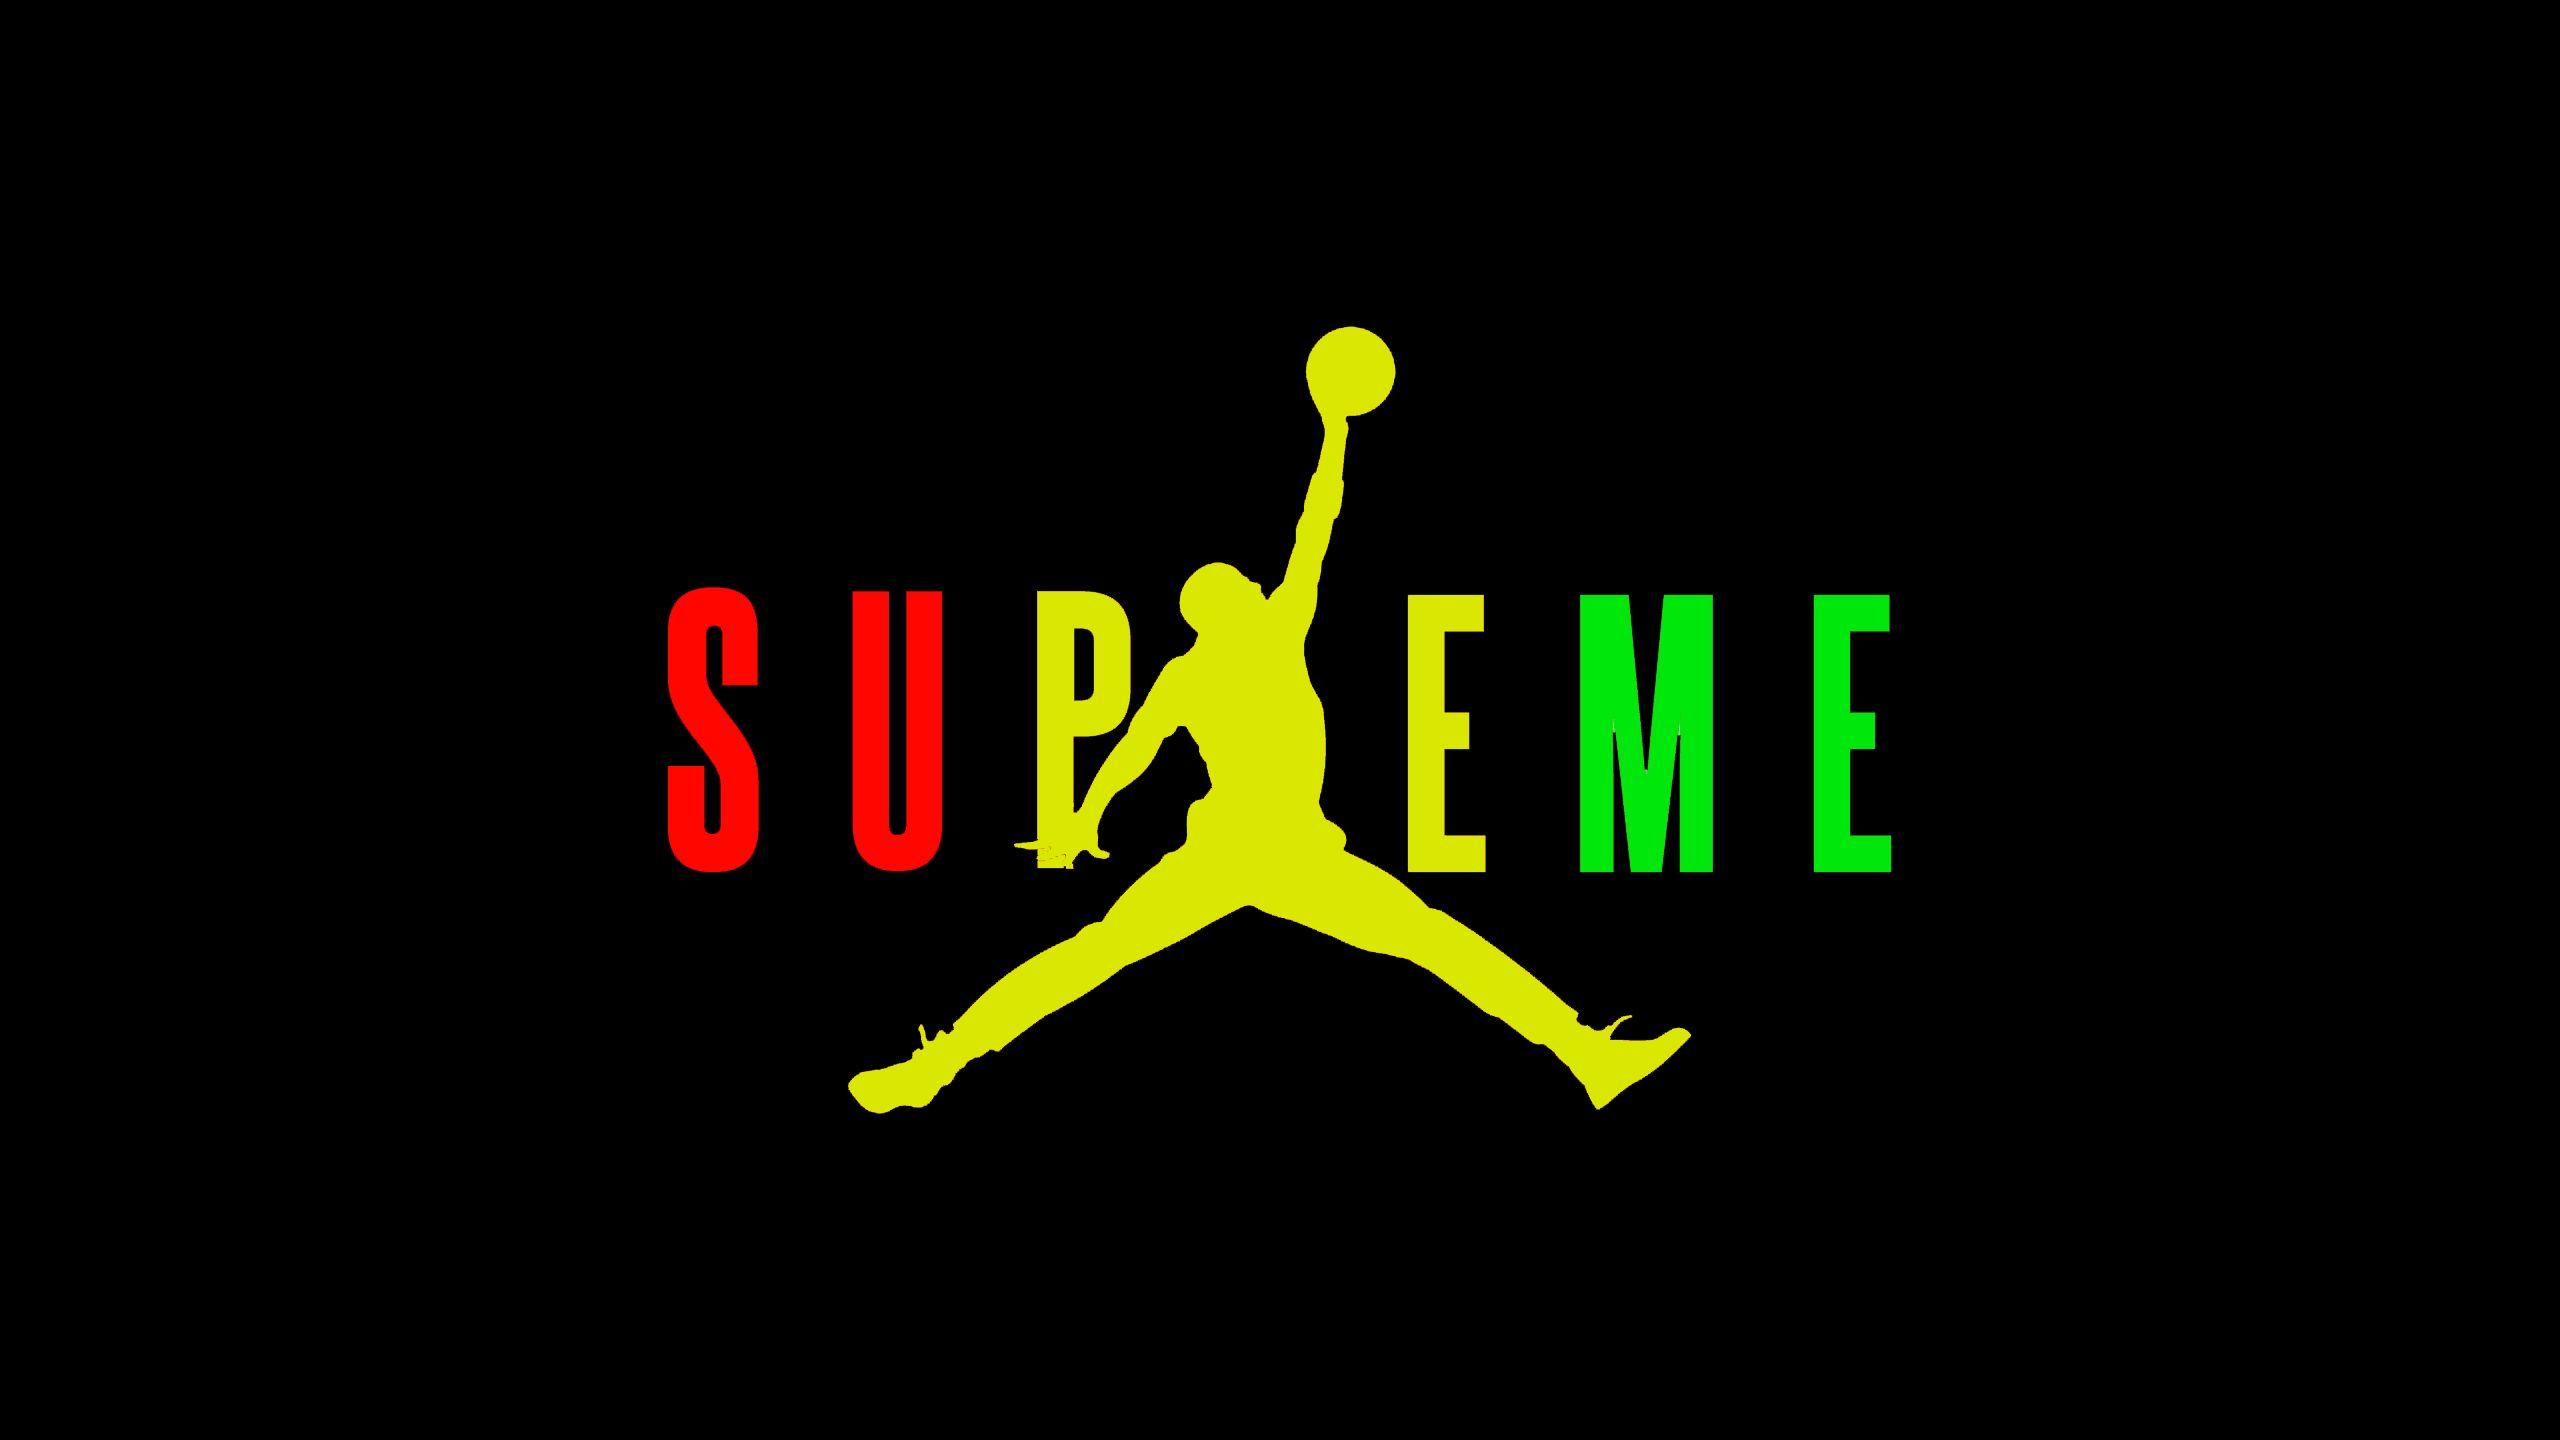 Supreme Jordan Wallpapers   Top Supreme Jordan Backgrounds 2560x1440